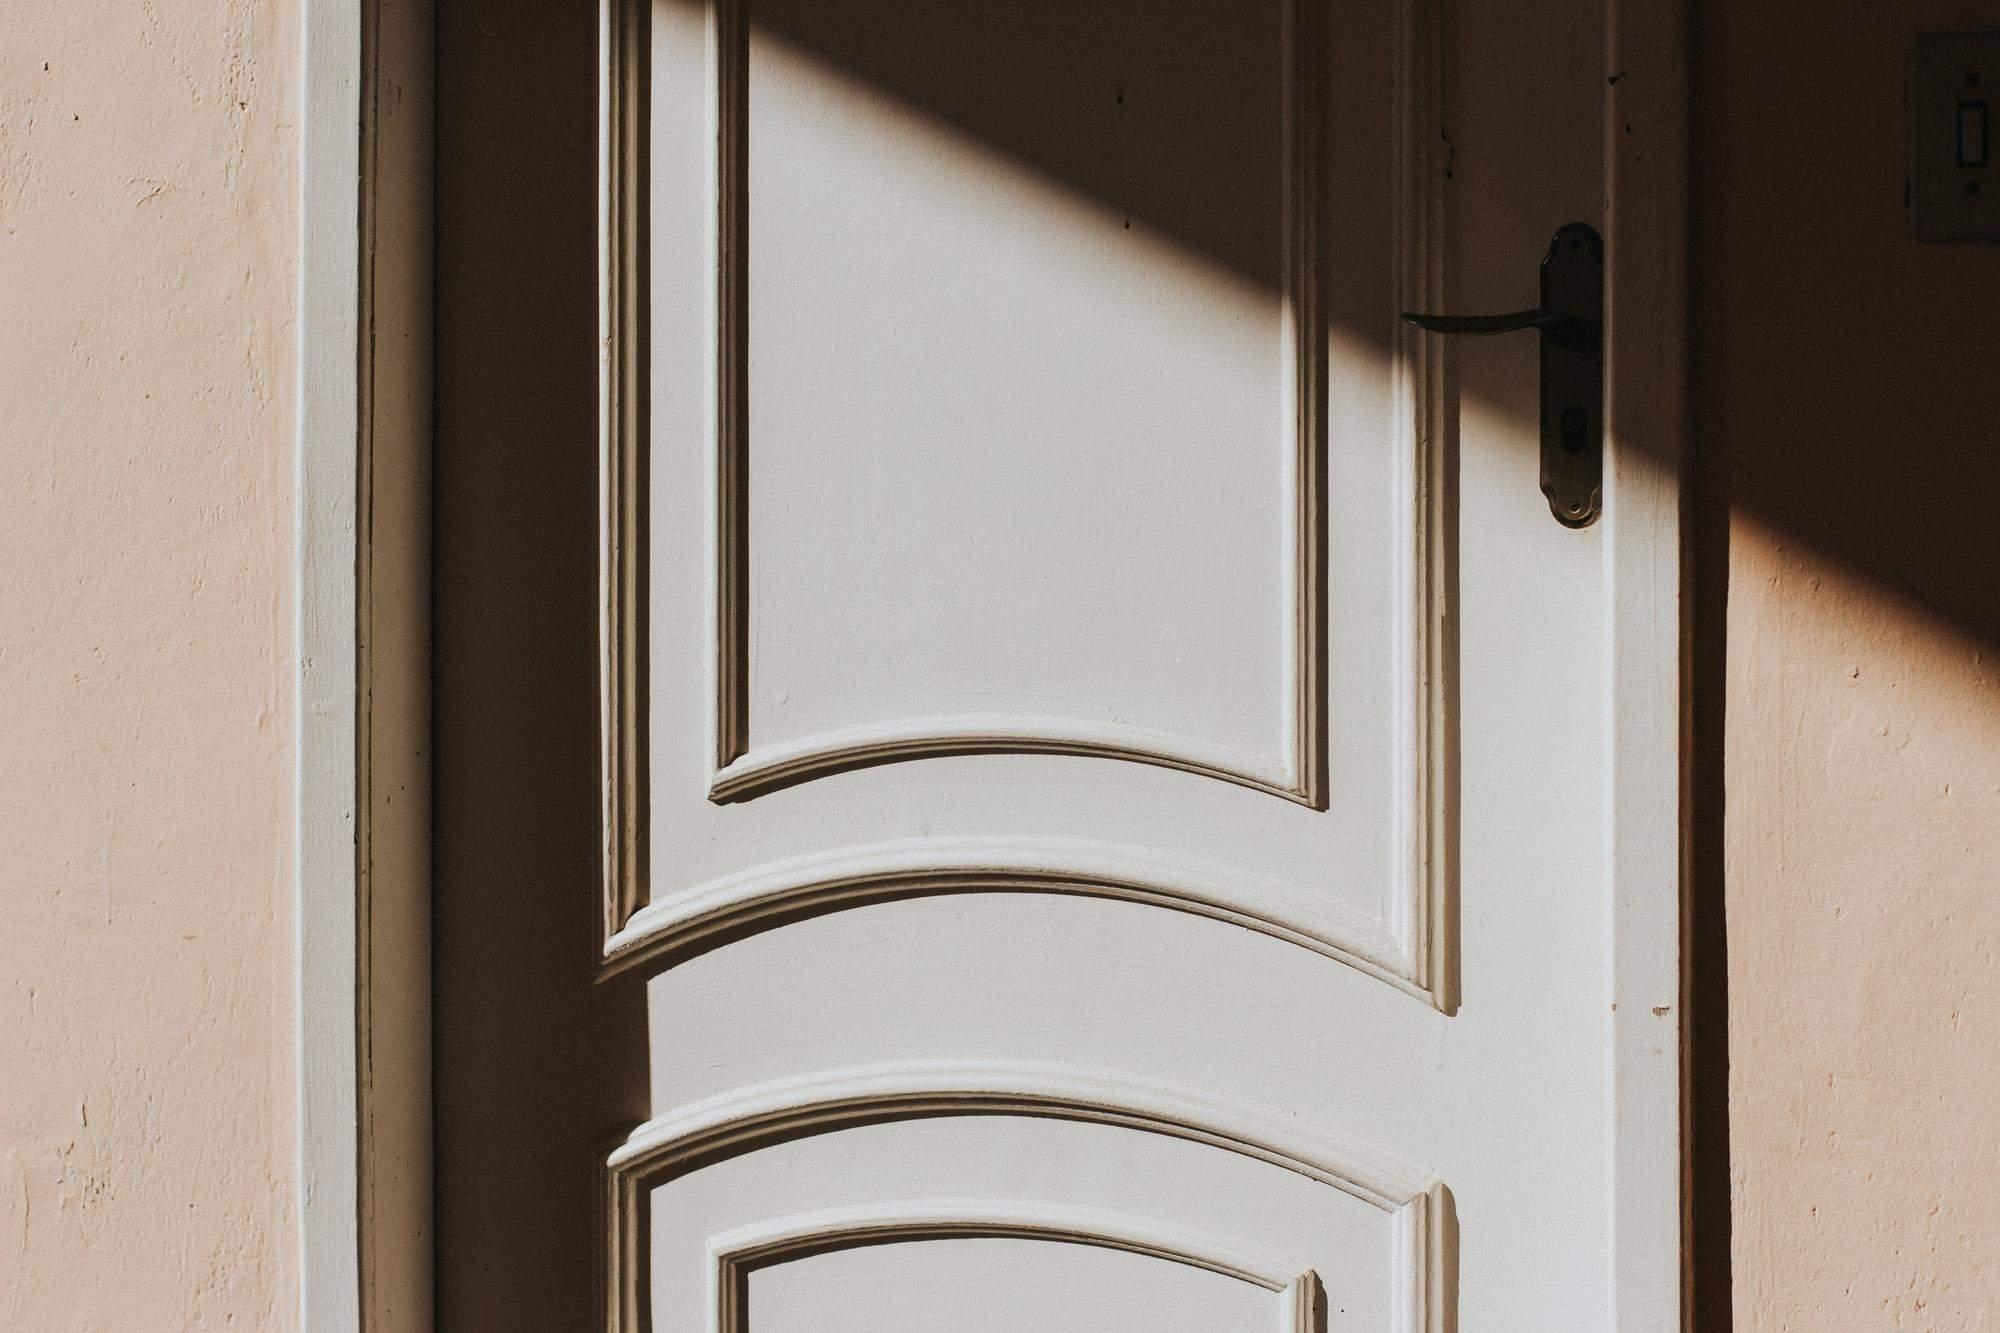 Які міжкімнатні двері встановити